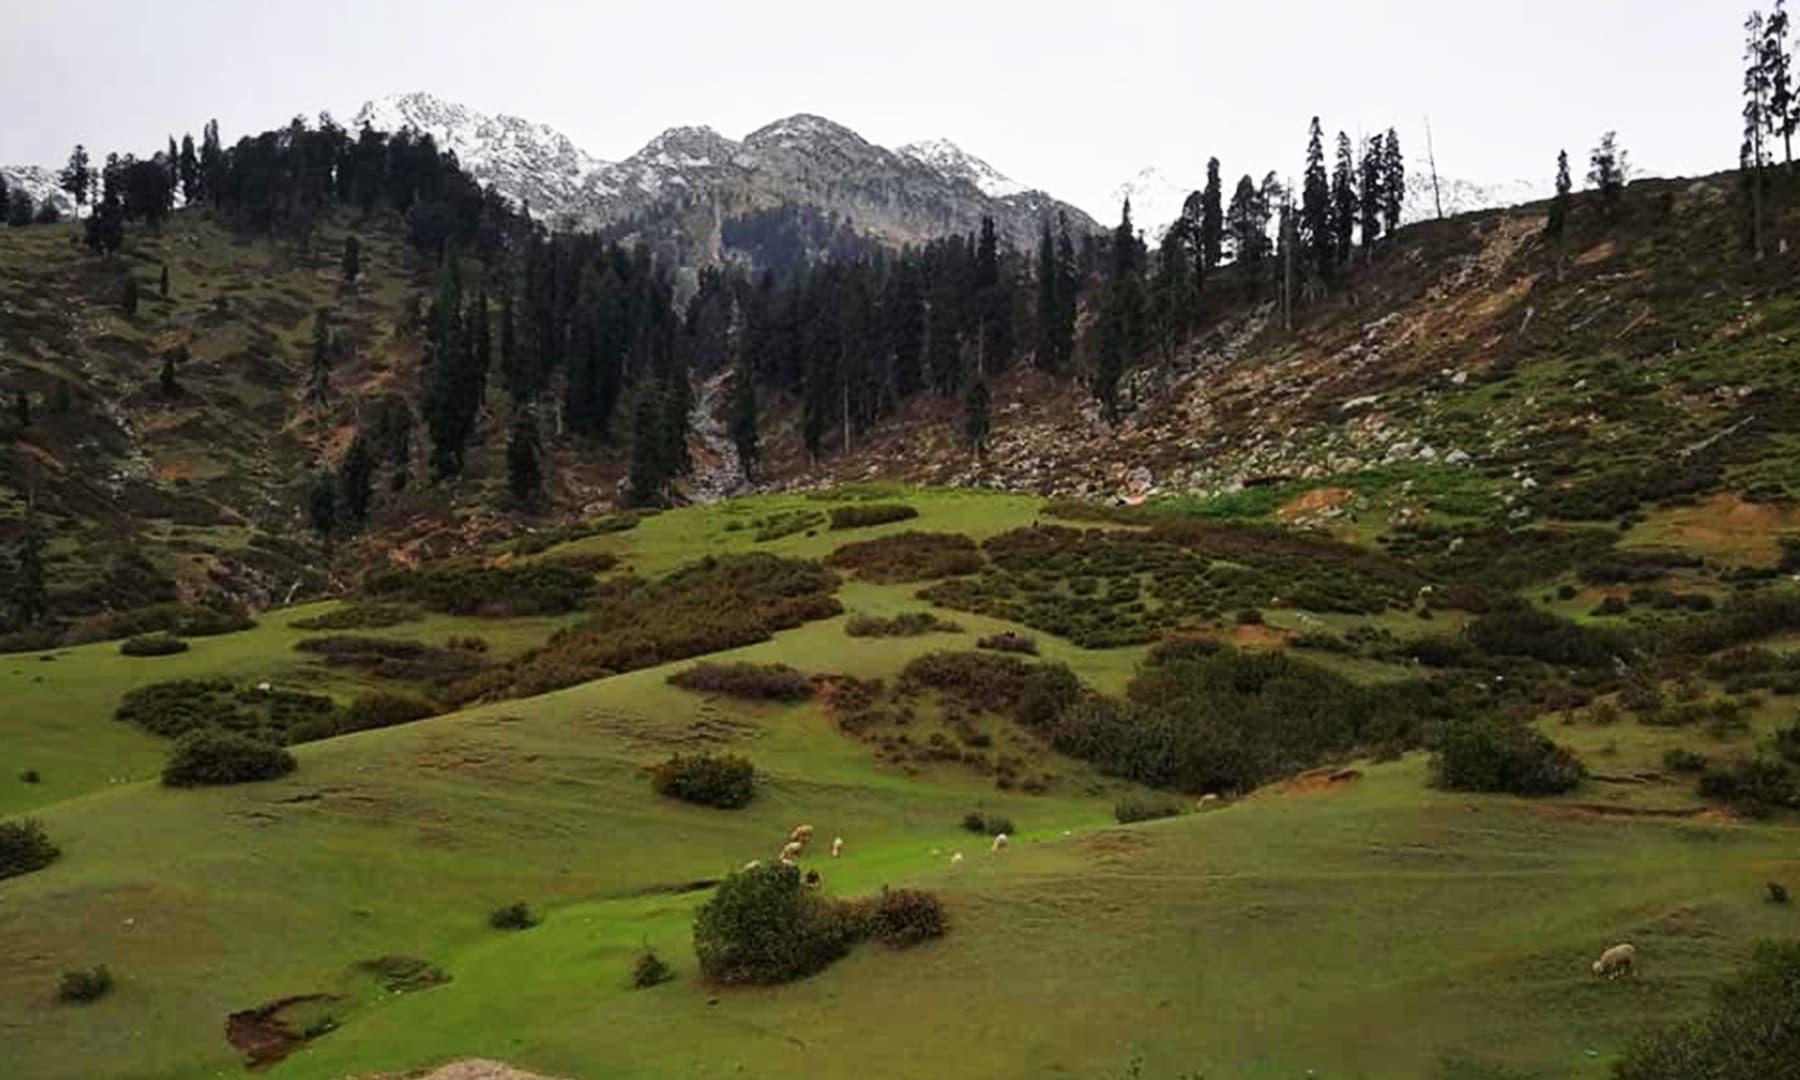 گبین جبہ کو درال جھیل اور درال پاس کے ٹریک کا نکتہ آغاز بھی تصور کیا جاتا ہے—عظمت اکبر